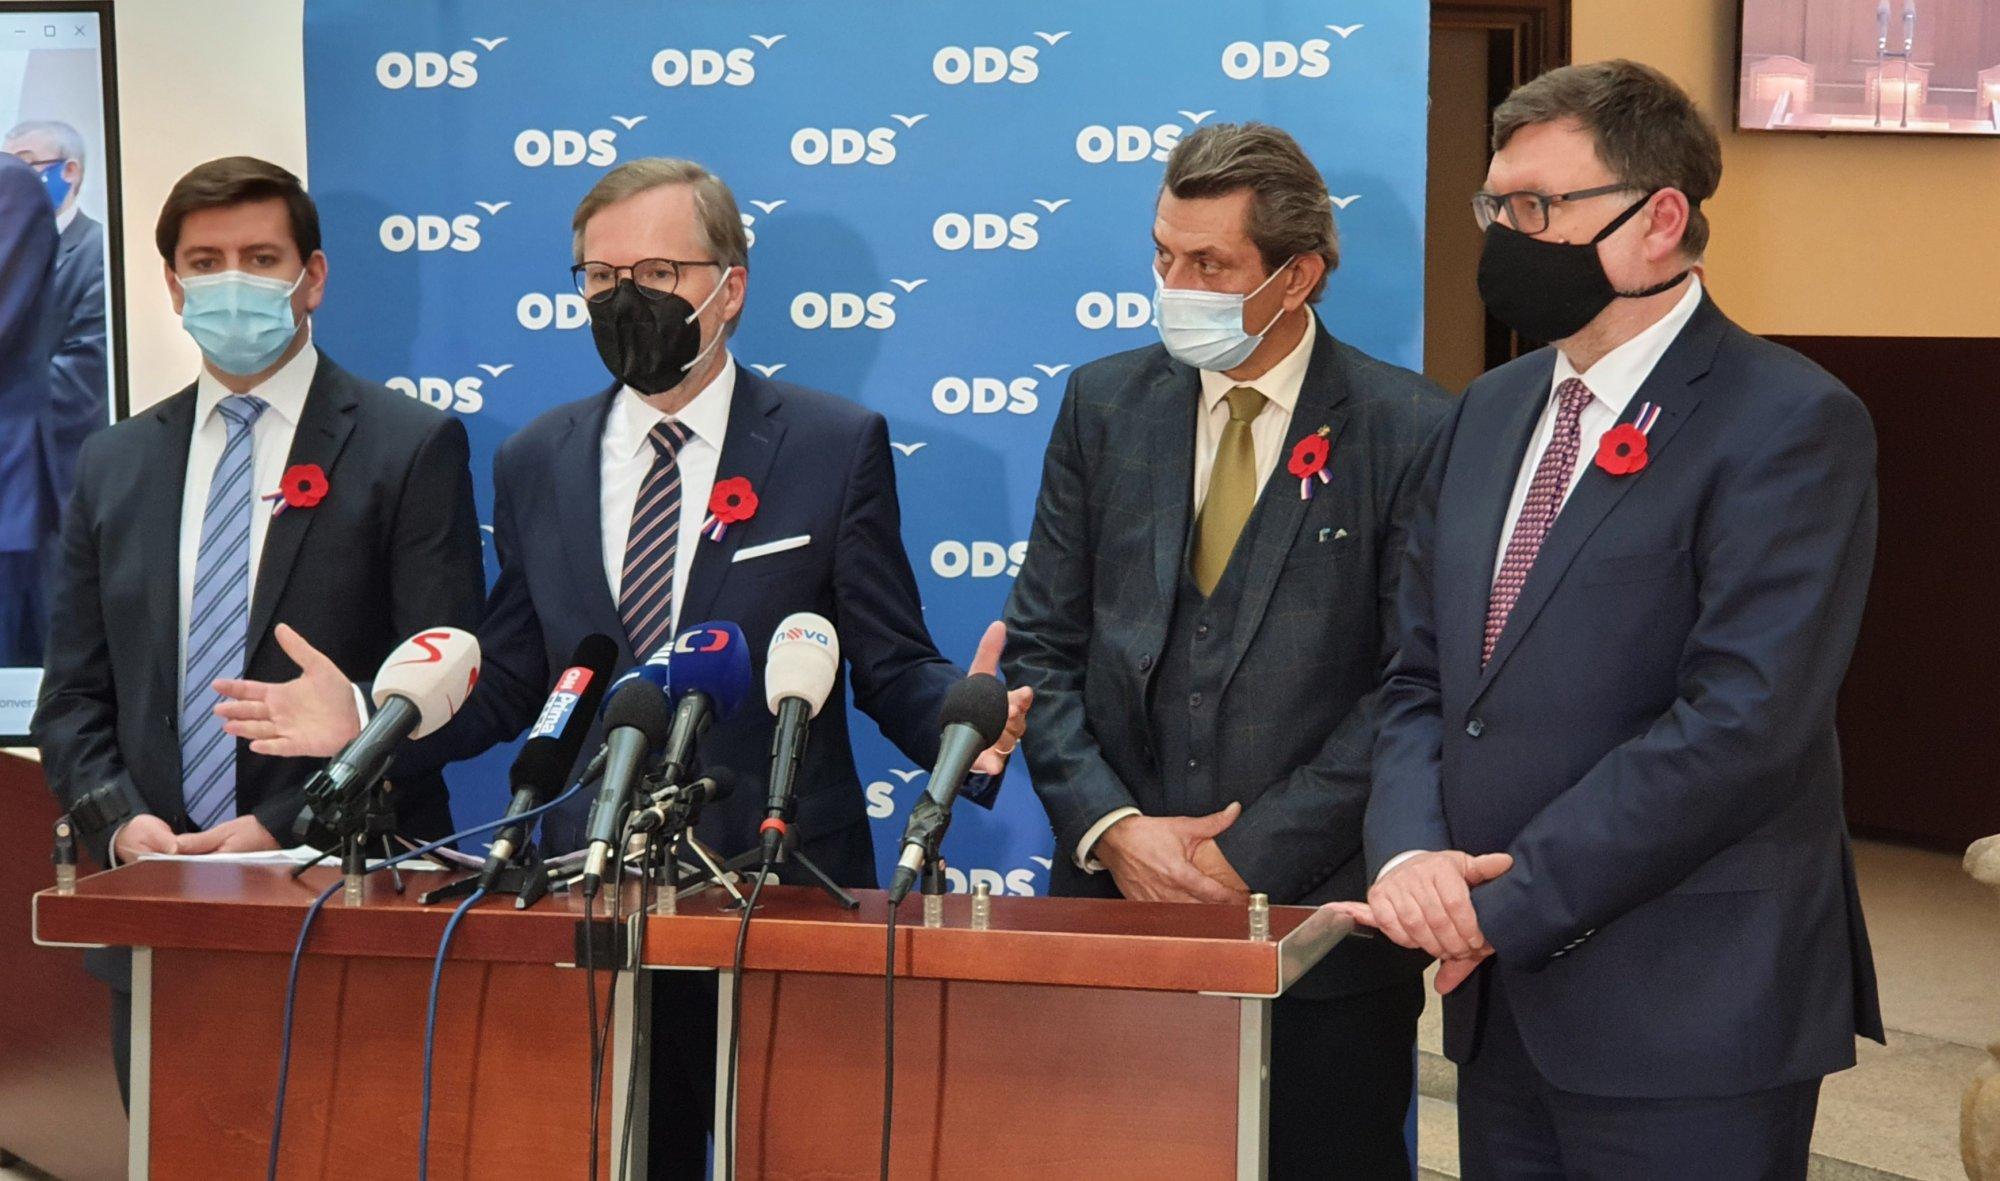 ODS: Návrh rozpočtu na příští rok je cár papíru, který nemůžeme podpořit